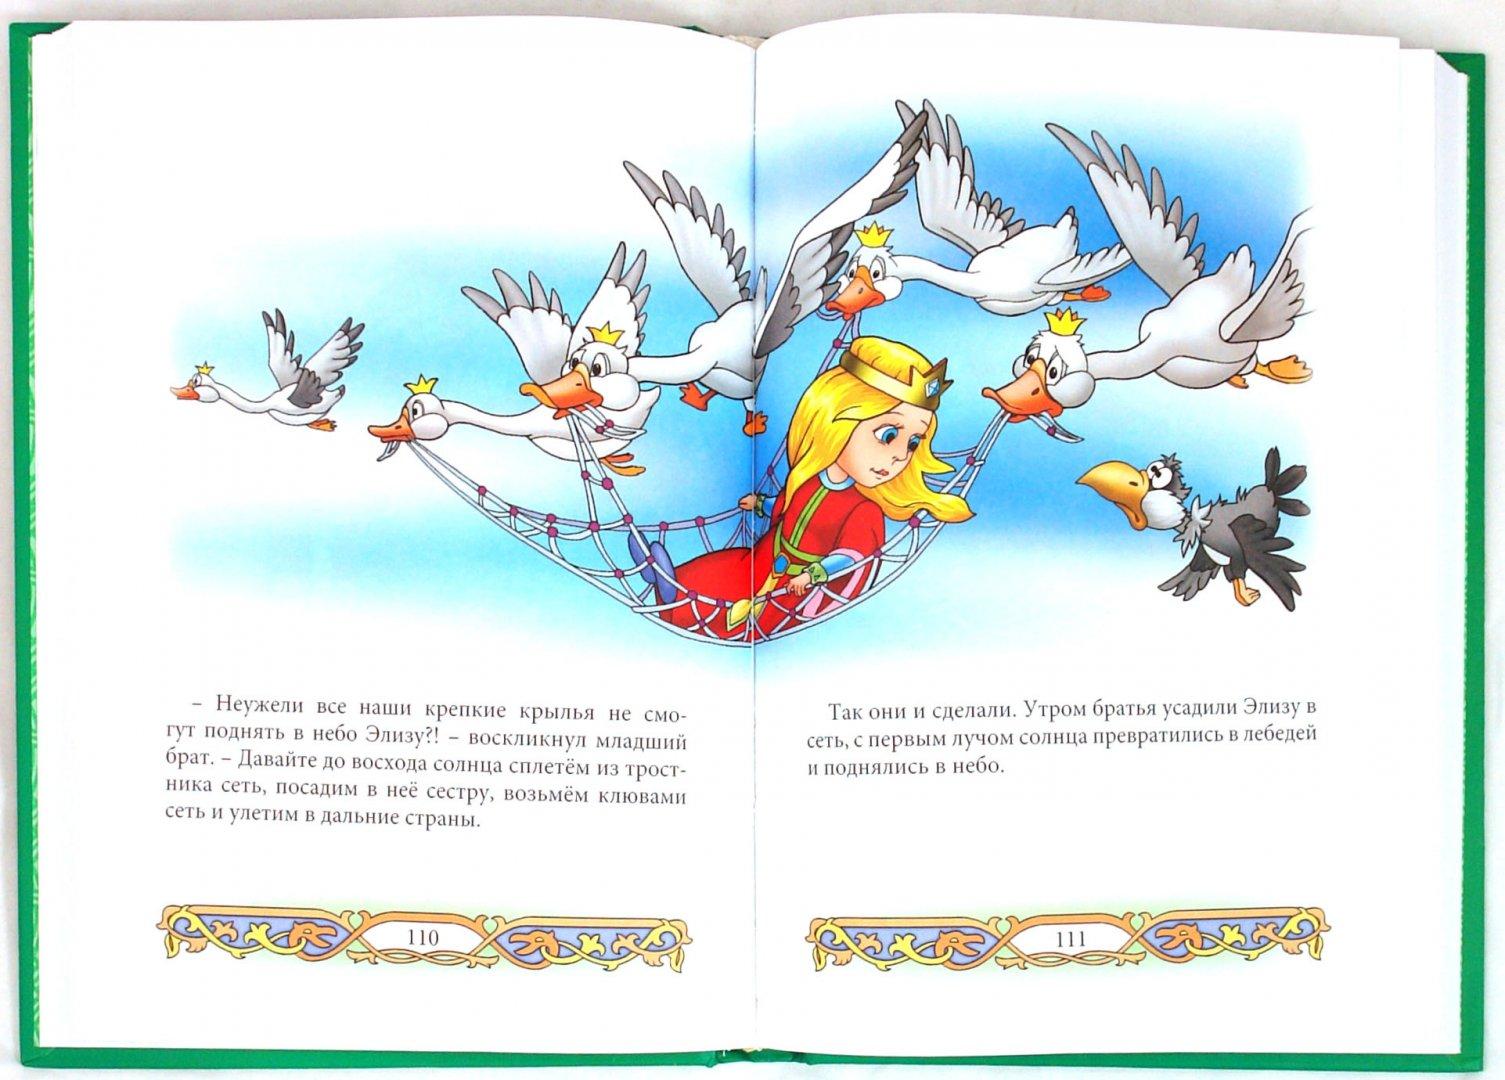 Иллюстрация 1 из 2 для Заколдованное королевство | Лабиринт - книги. Источник: Лабиринт